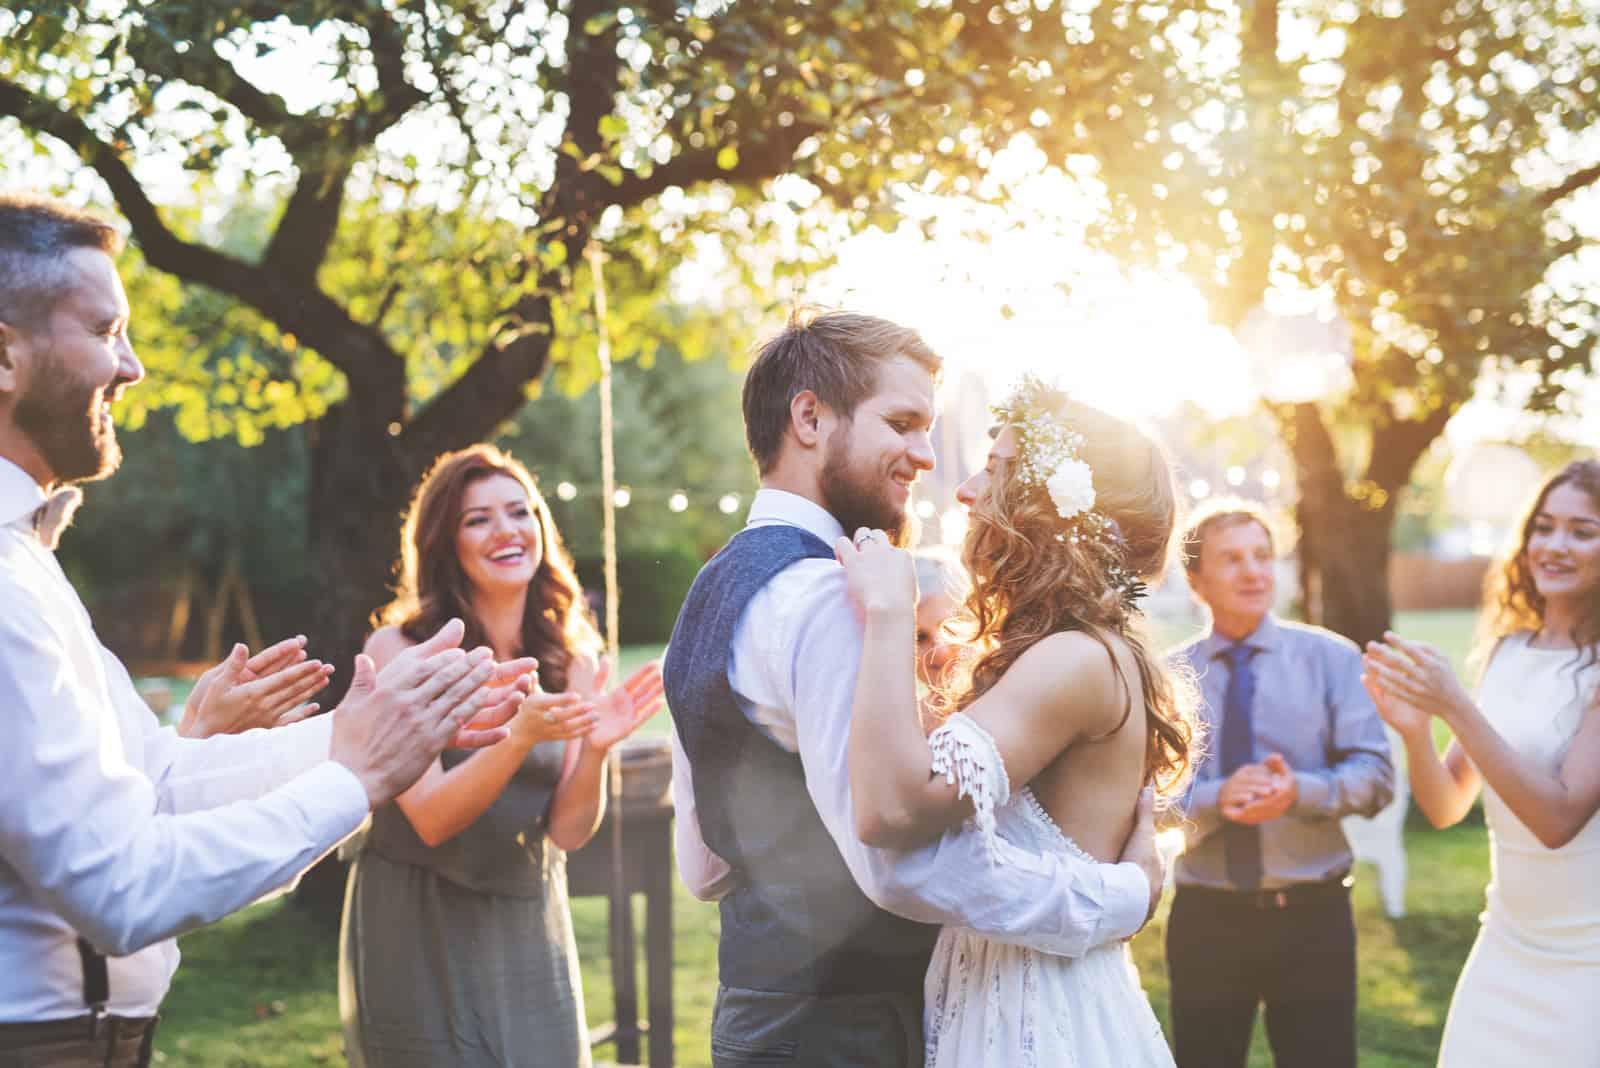 Braut und Bräutigam tanzen auf Hochzeitsempfang draußen